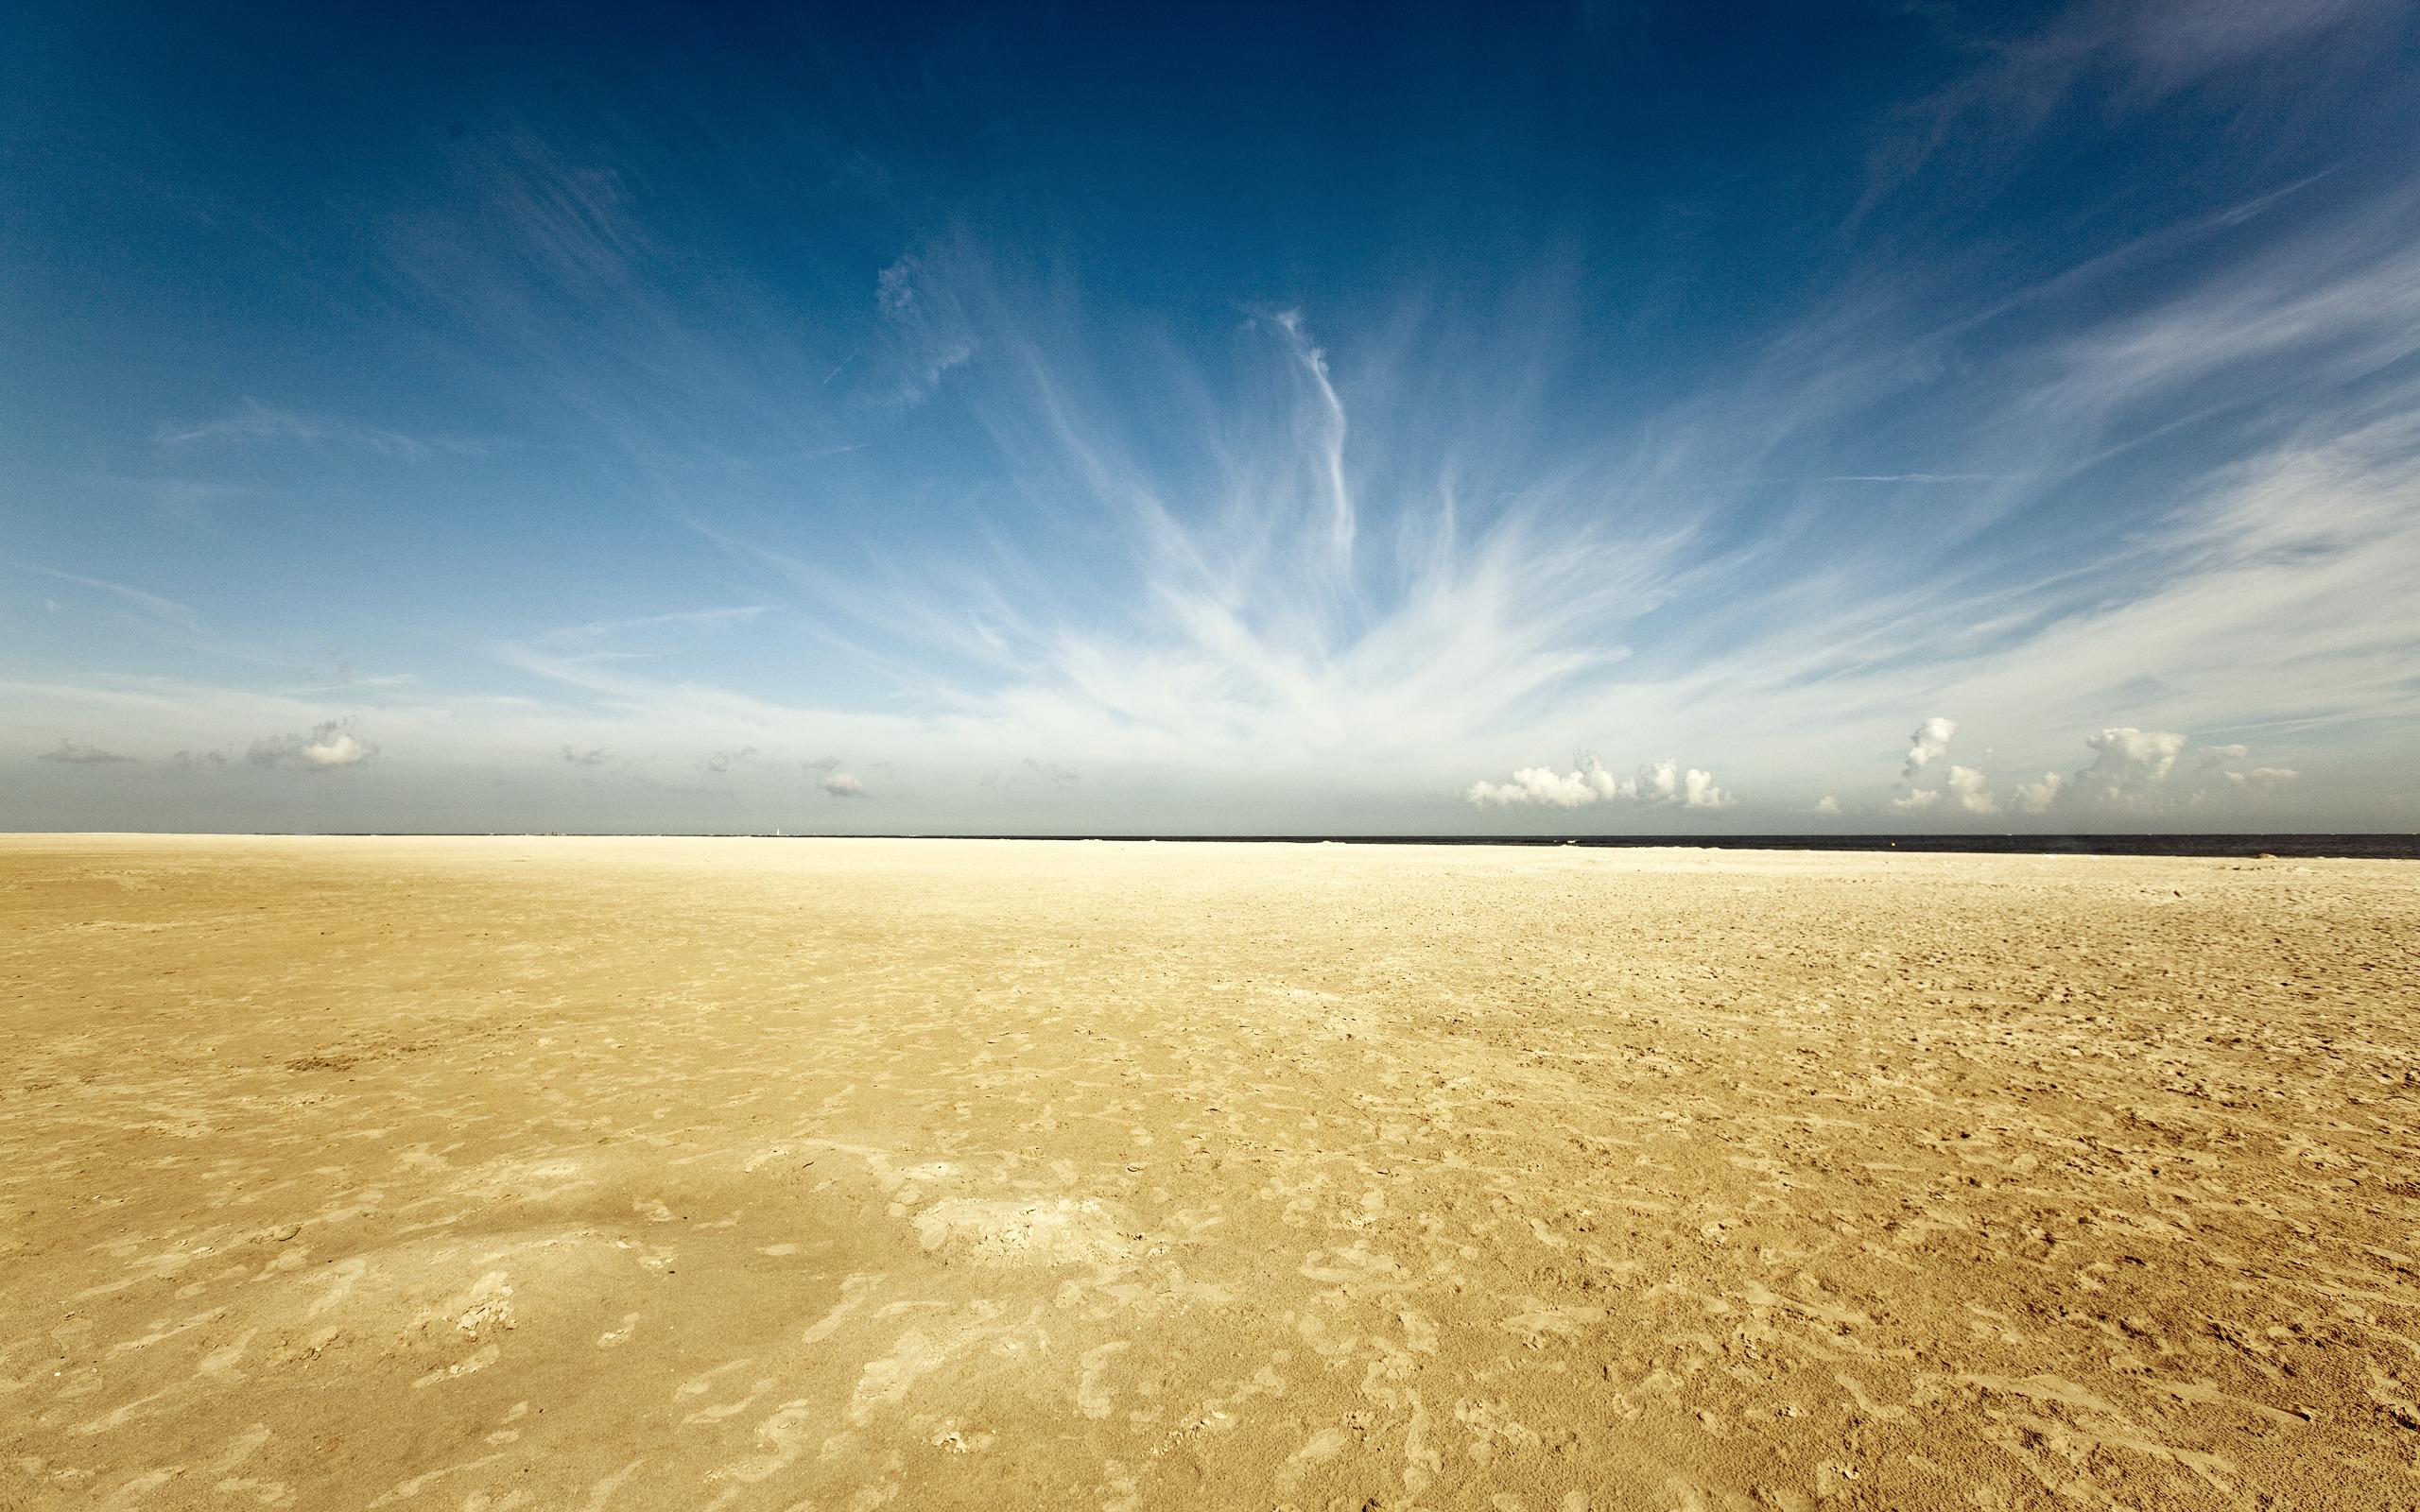 природа песок море горизонт небо облака  № 2577436 загрузить